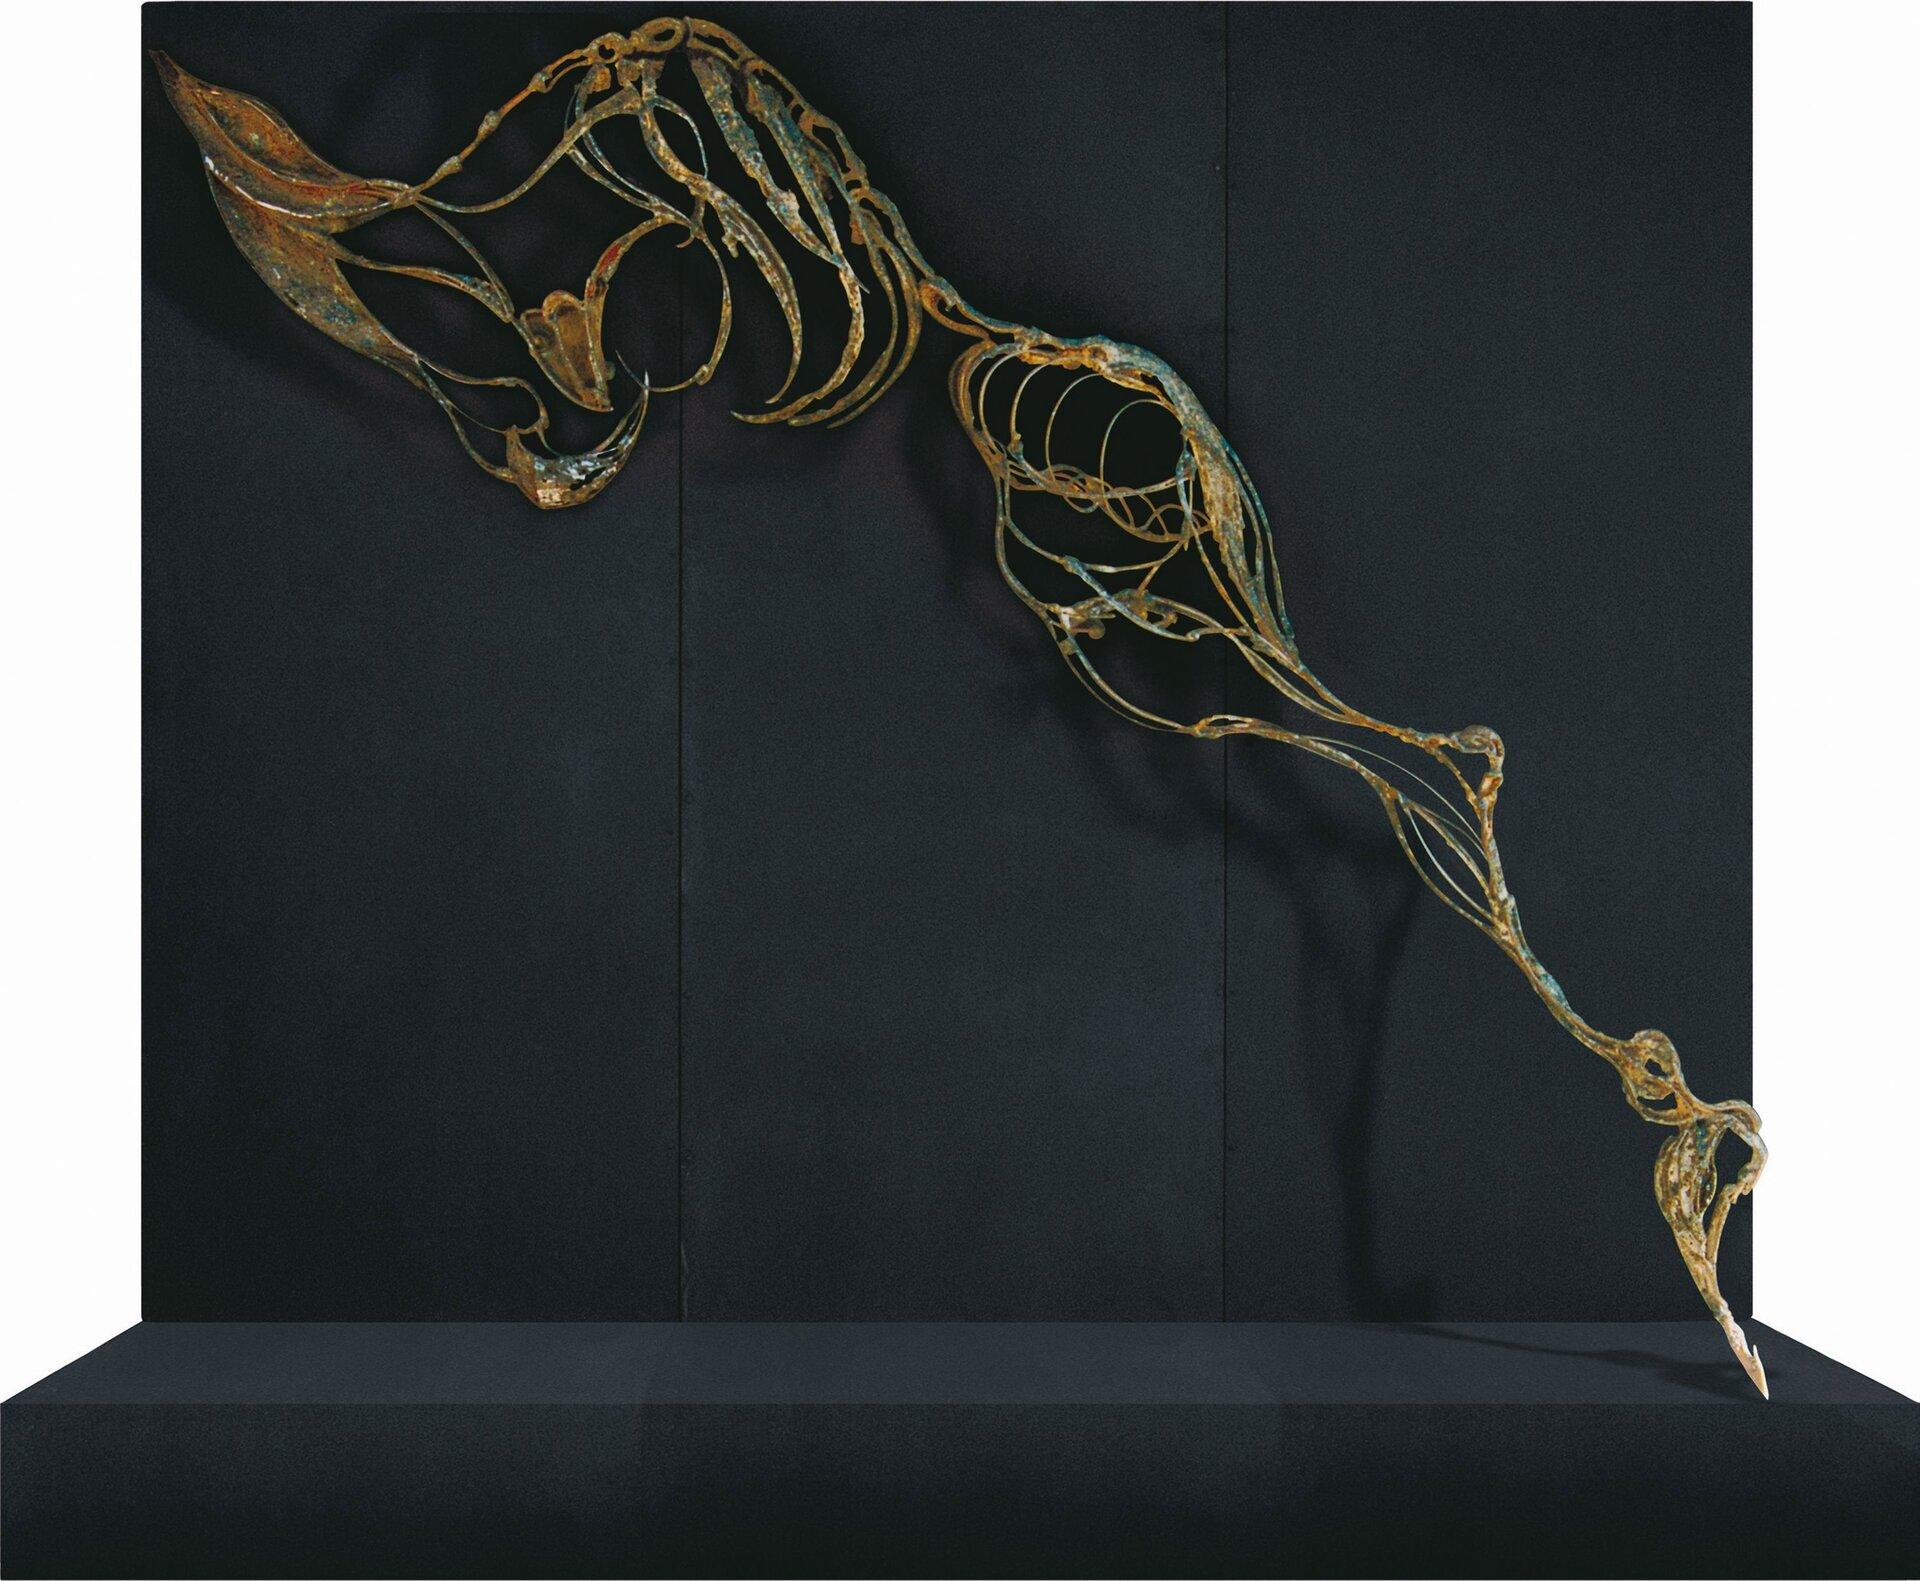 """Ilustracja przedstawia instalację zcyklu """"Upłaszczyznowienia"""" autorstwa Anny Wysockiej. Zdjęcie ukazuje rzeźbę wykonaną zmetalu, przypominającą profil ludzkiego szkieletu bez głowy irąk. Praca została skomponowana po skosie na tle grafitowego podestu. Metaliczna, złoto-brązowa, błyszcząca struktura obiektu wyłania się zciemno-szarego, matowego tła."""